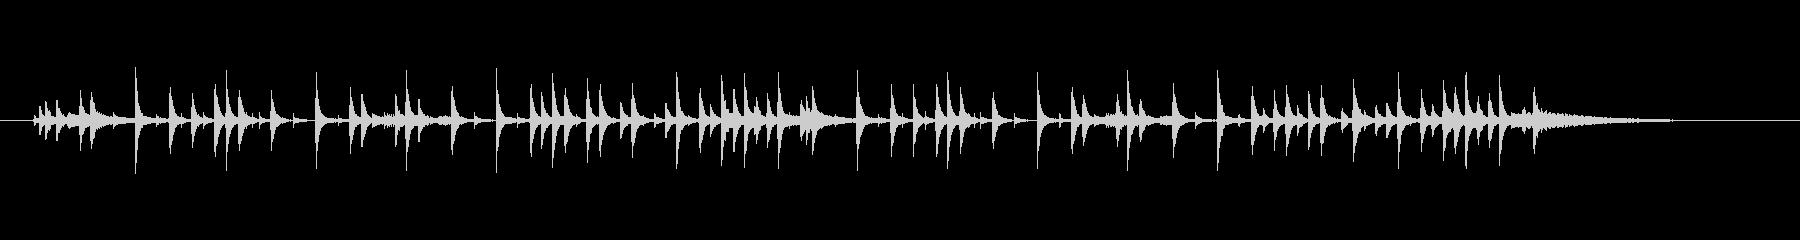 クールなドラムソロ 20秒CMなどの未再生の波形